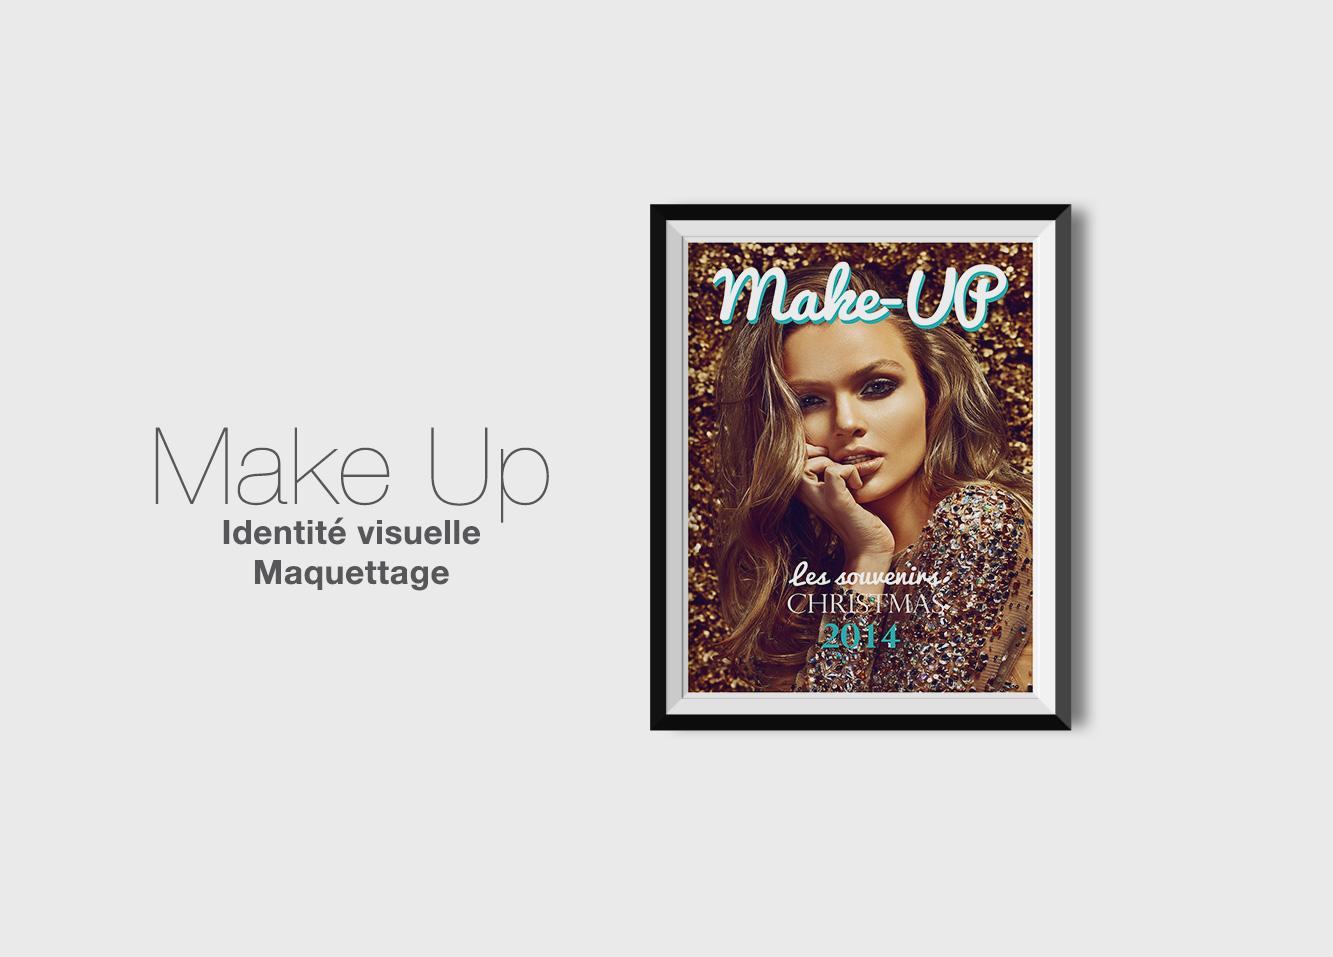 Make-Up-Identité-visuelle-Maquettage---Direction-artistique